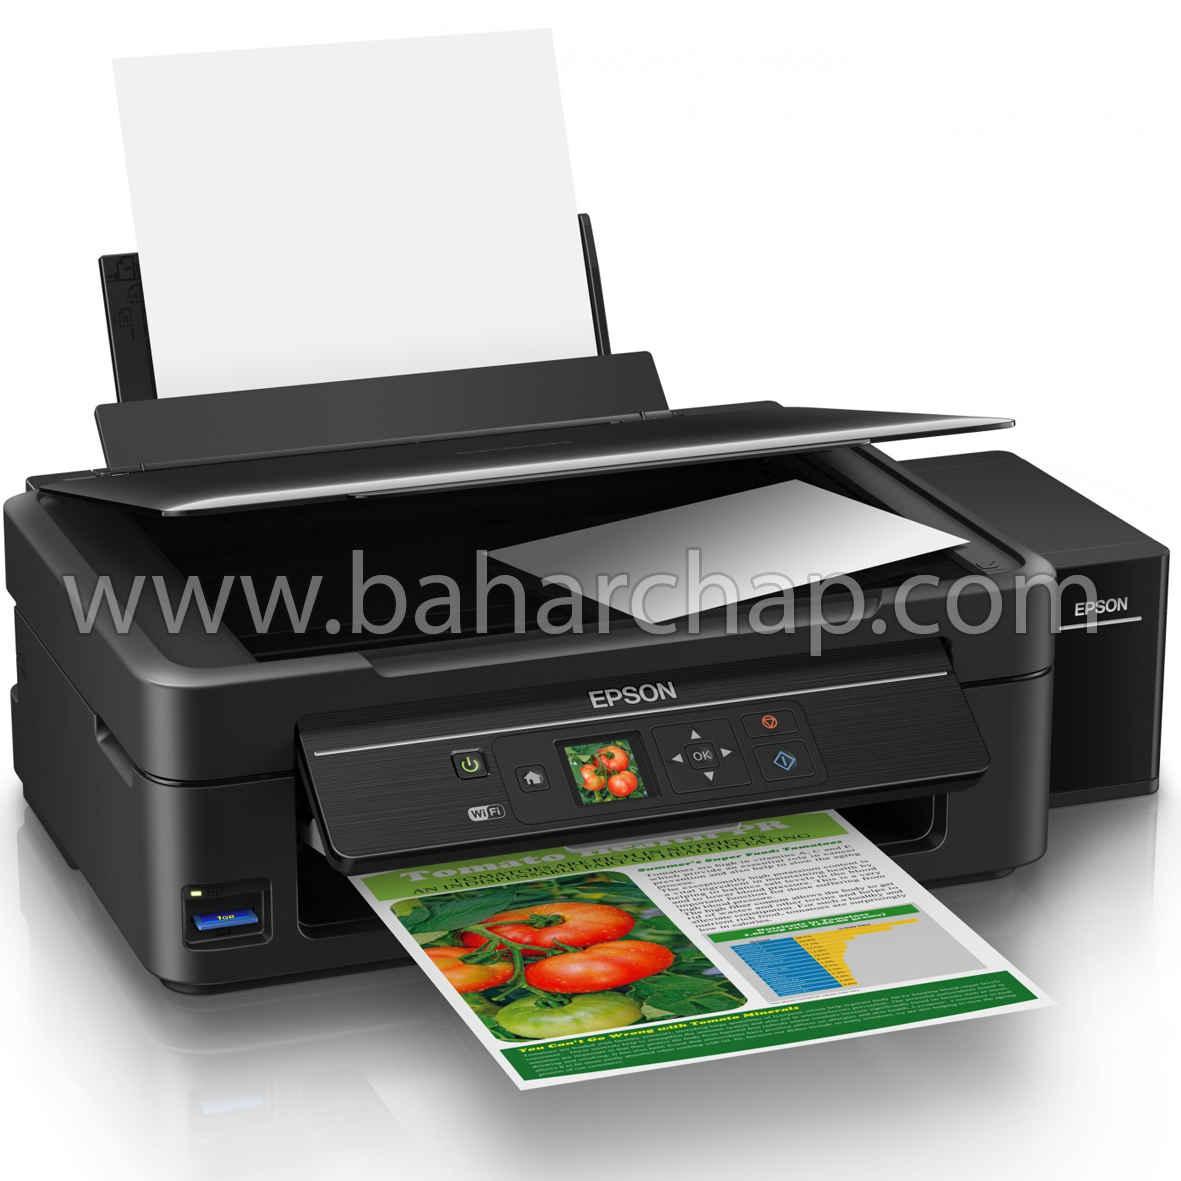 فروشگاه و خدمات اینترنتی بهارچاپ اصفهان-نرم افزار ریست پرینتر اپسون L455-Epson Adjustment program L455